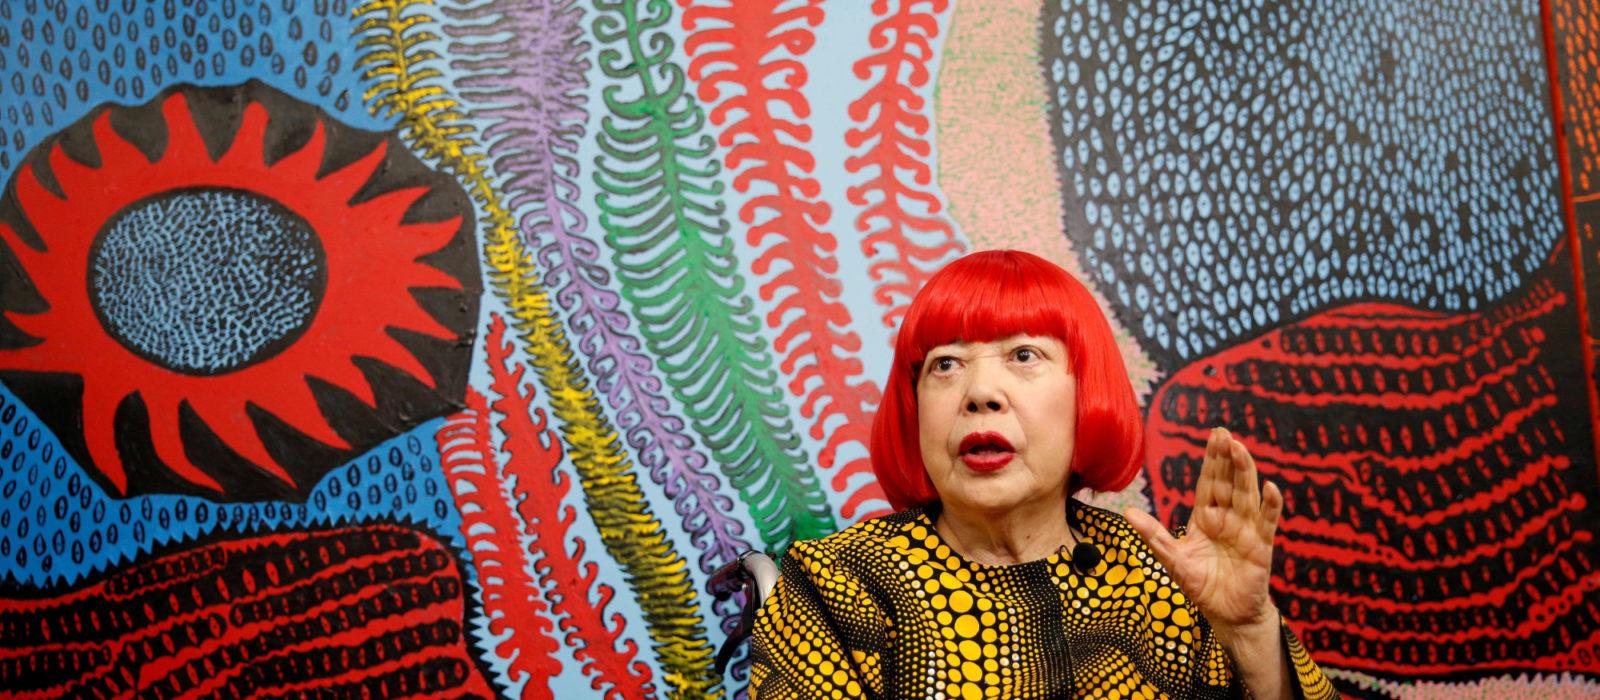 Yayoi Kusama: Rompiendo con la Tradición